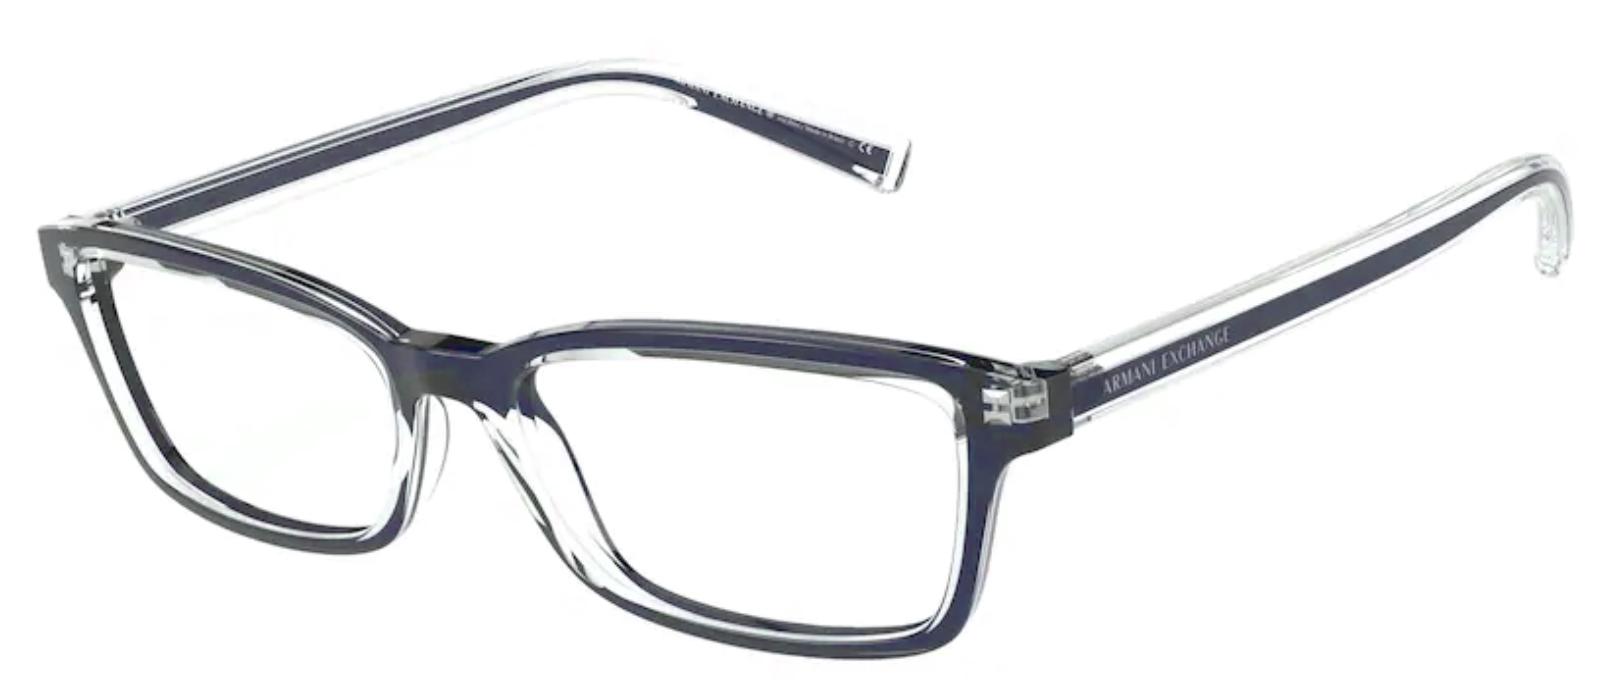 Óculos de Grau Armani Exchange Azul AX 3074 8323 Tam.54